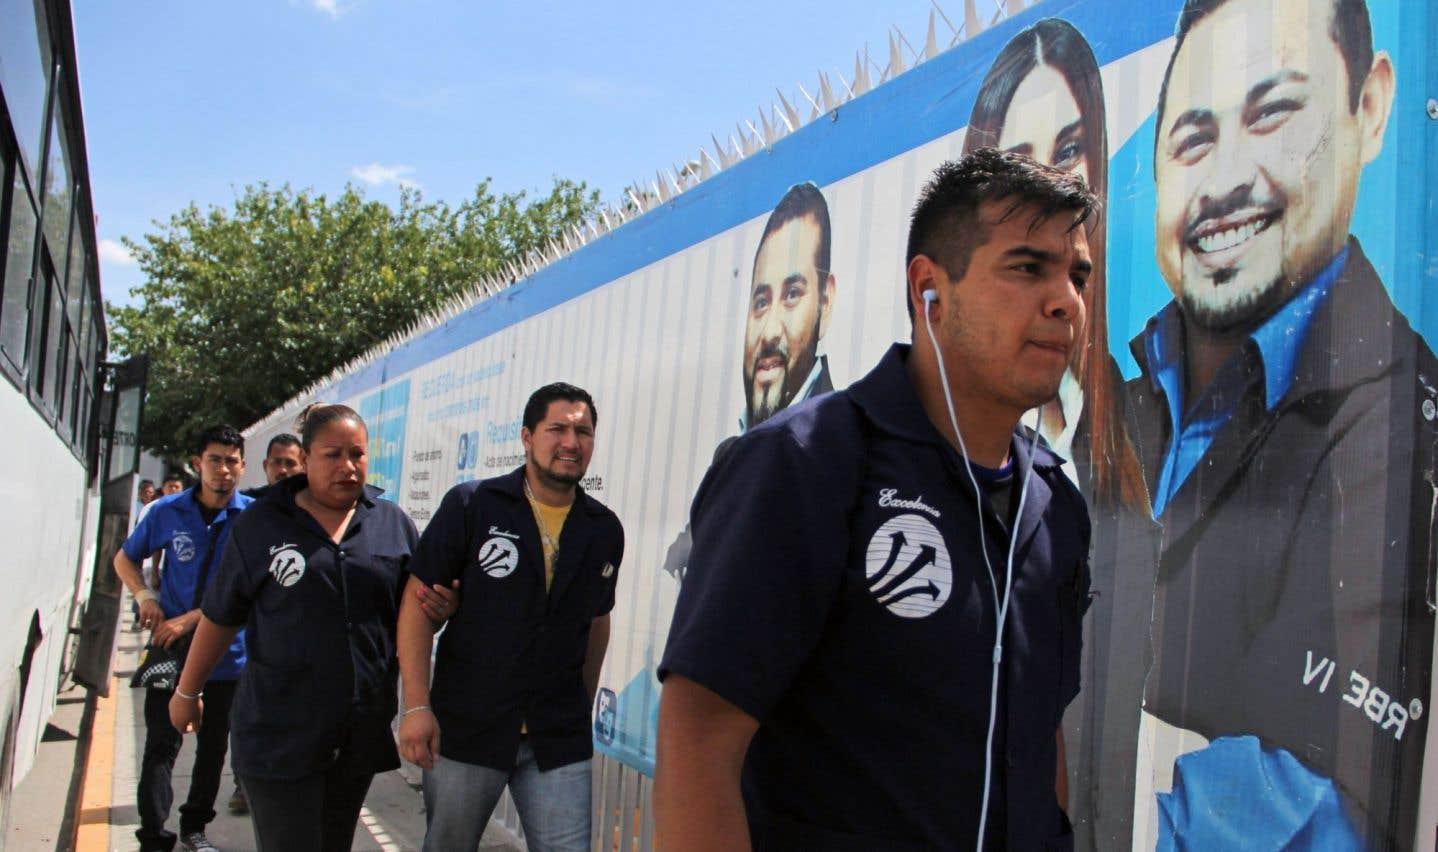 À Ciudad Juárez, la renégociation de l'ALÉNA sème l'inquiétude